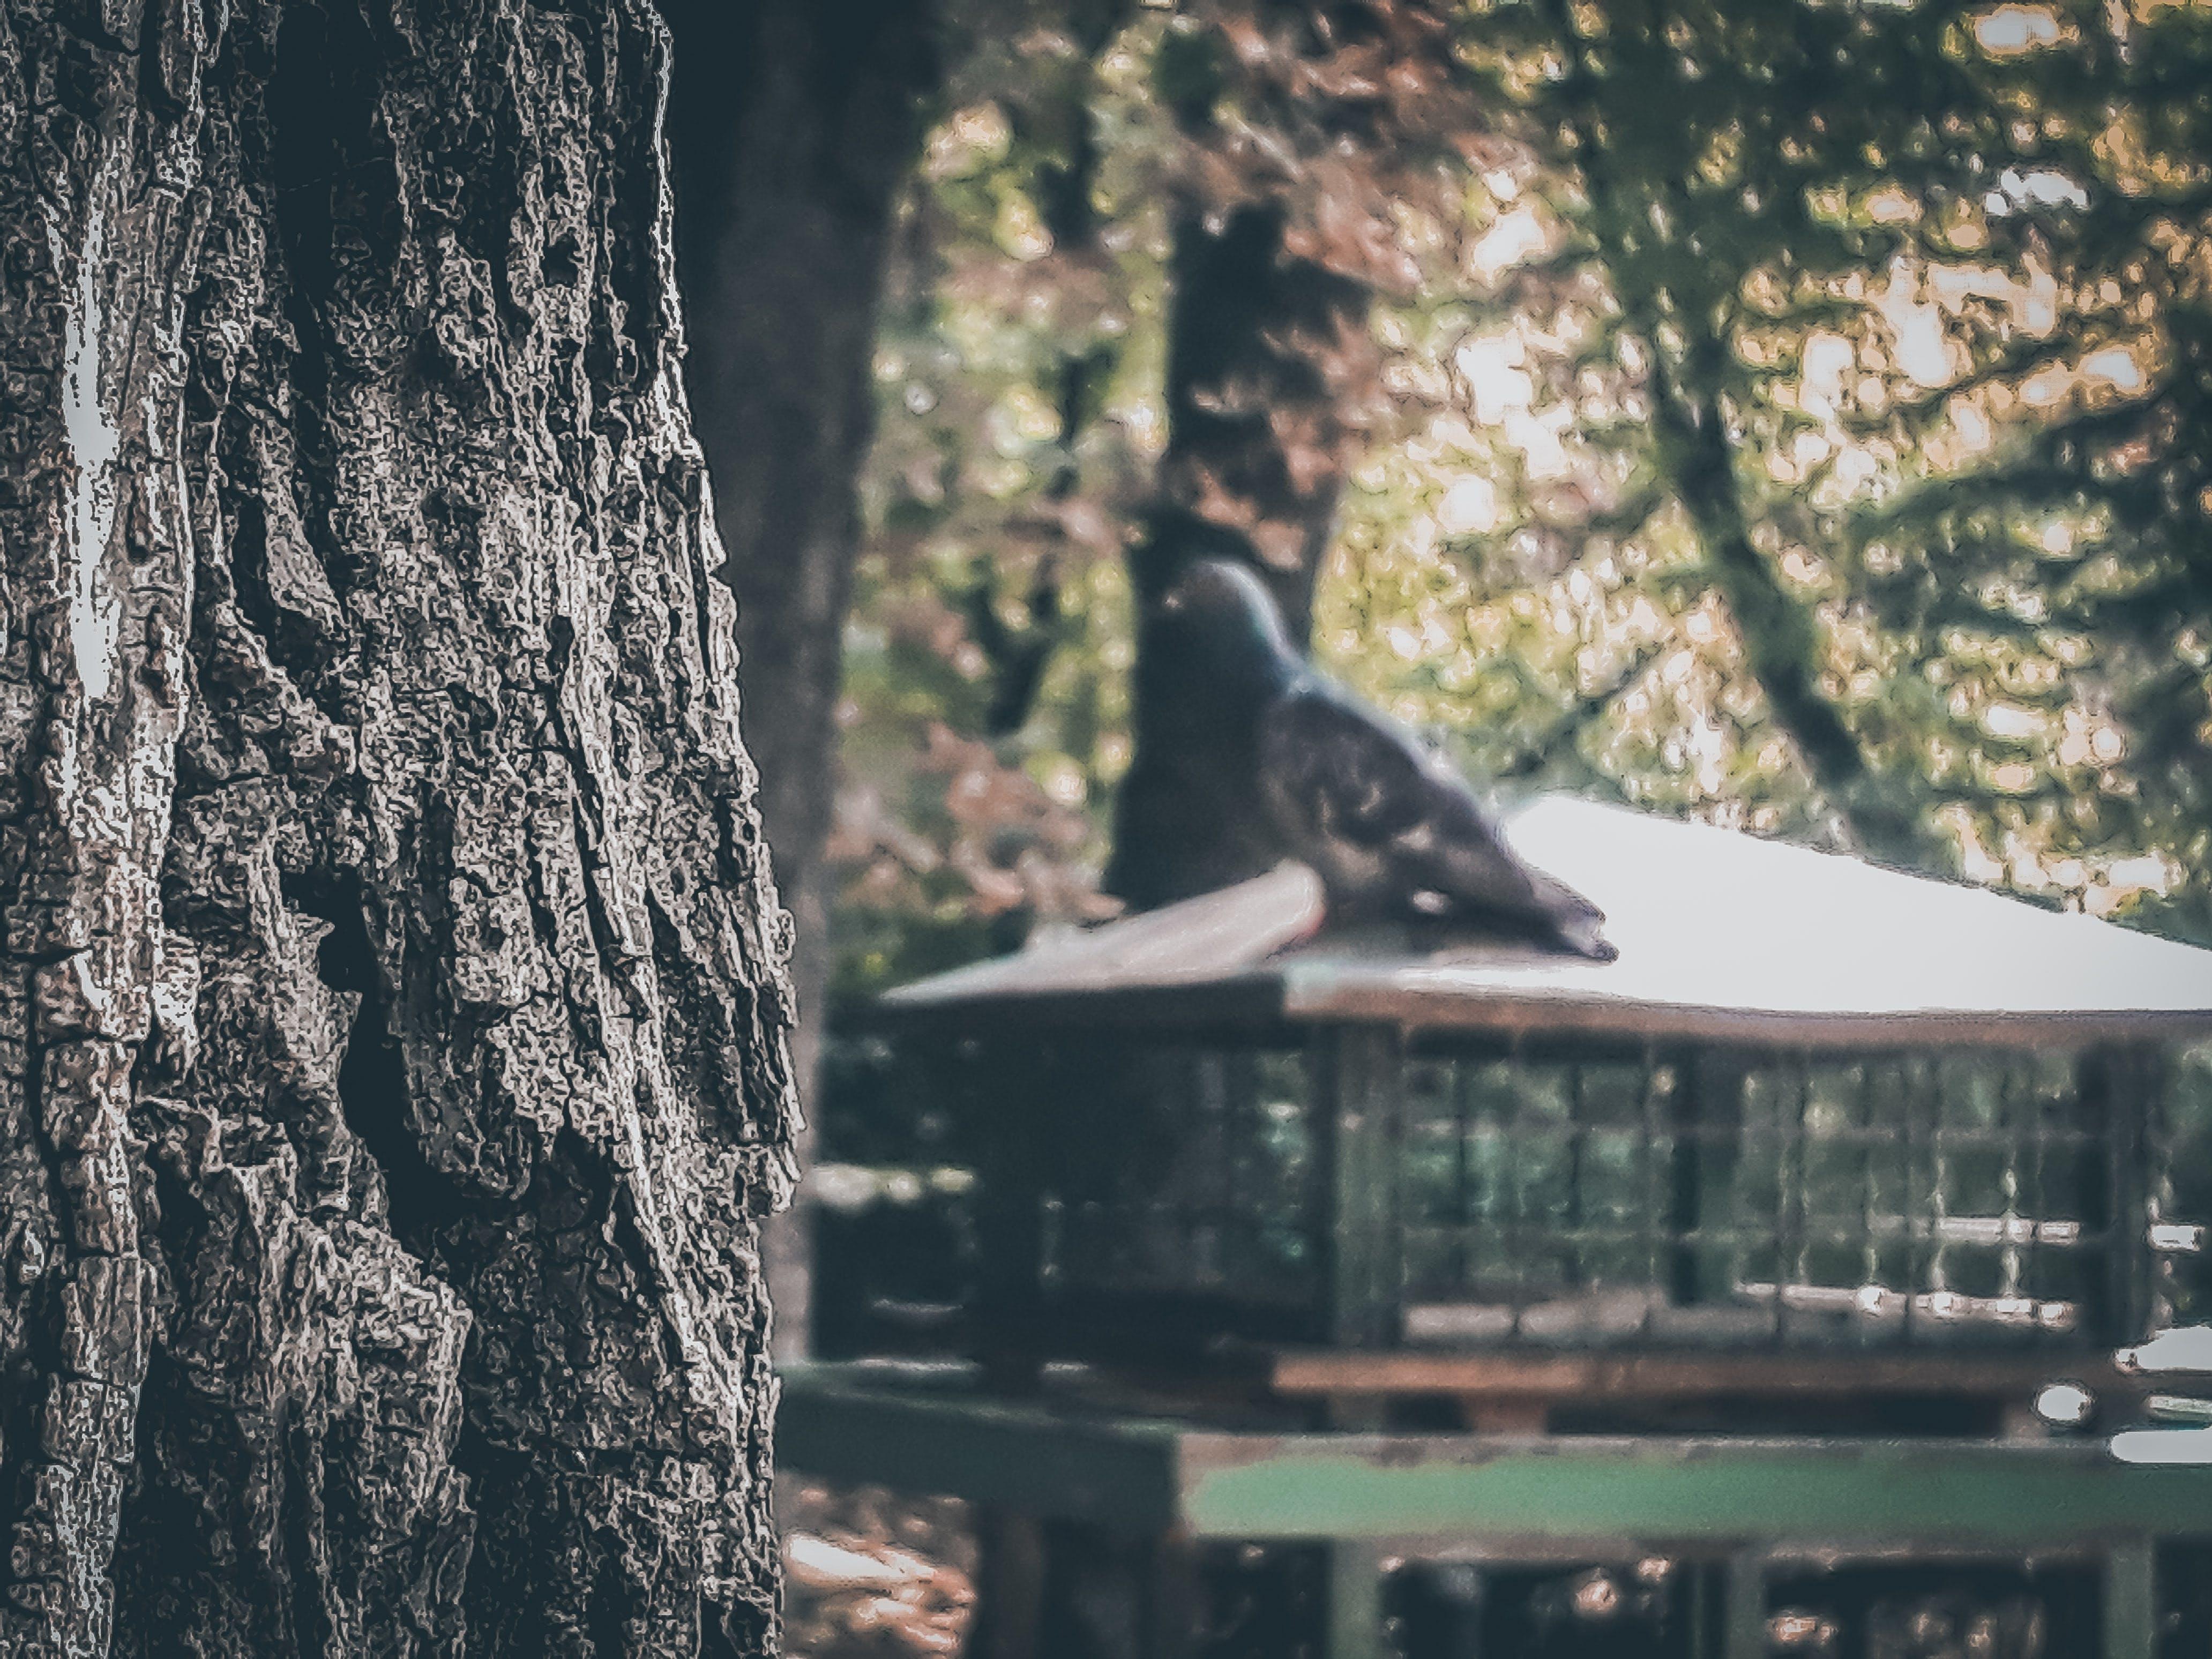 Δωρεάν στοκ φωτογραφιών με δέντρο, θολούρα